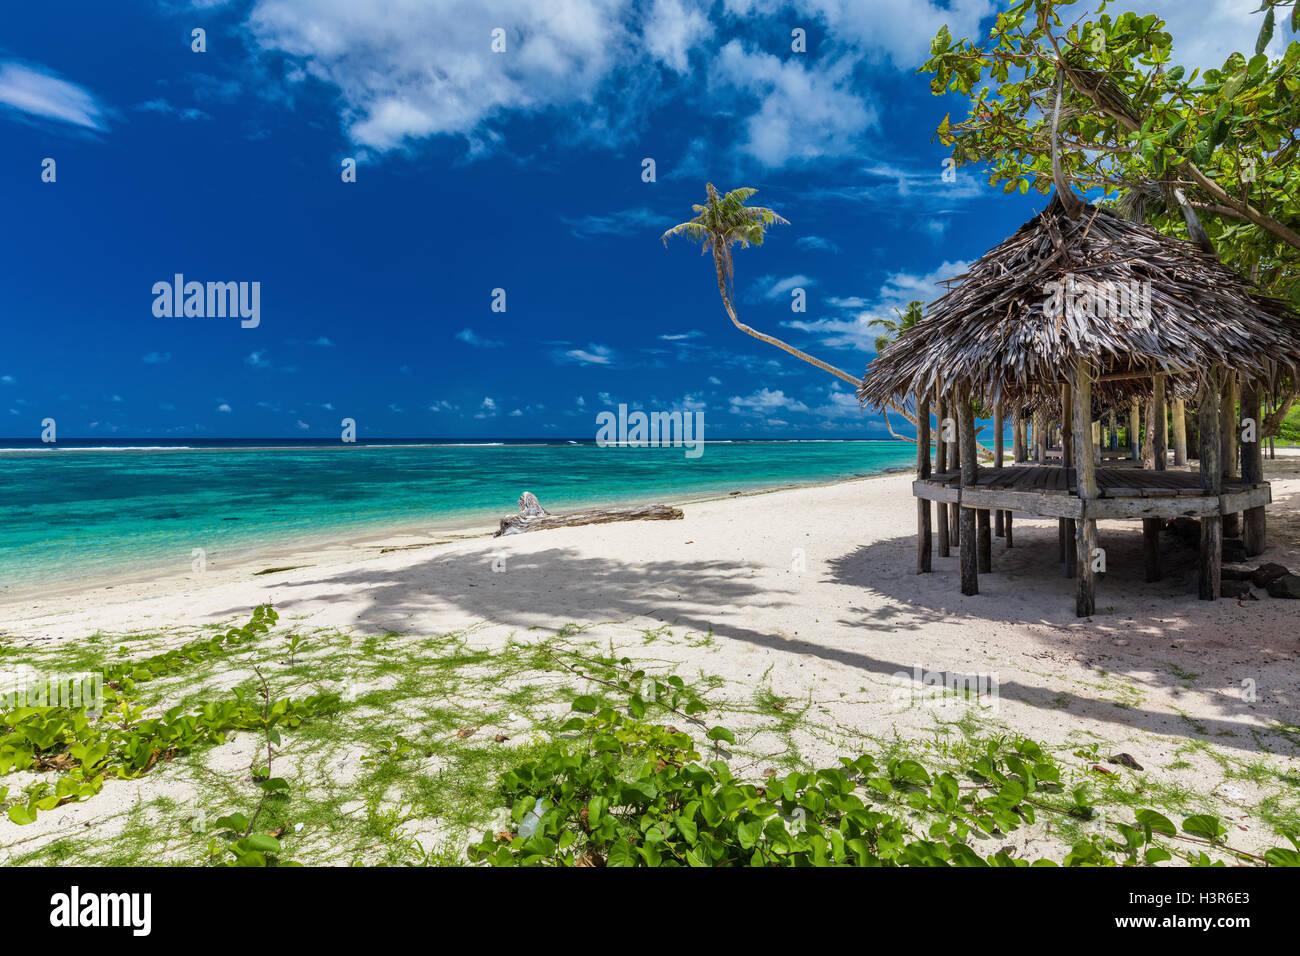 Vibrante tropical playa natural de la isla de Samoa con palmera y fale Imagen De Stock